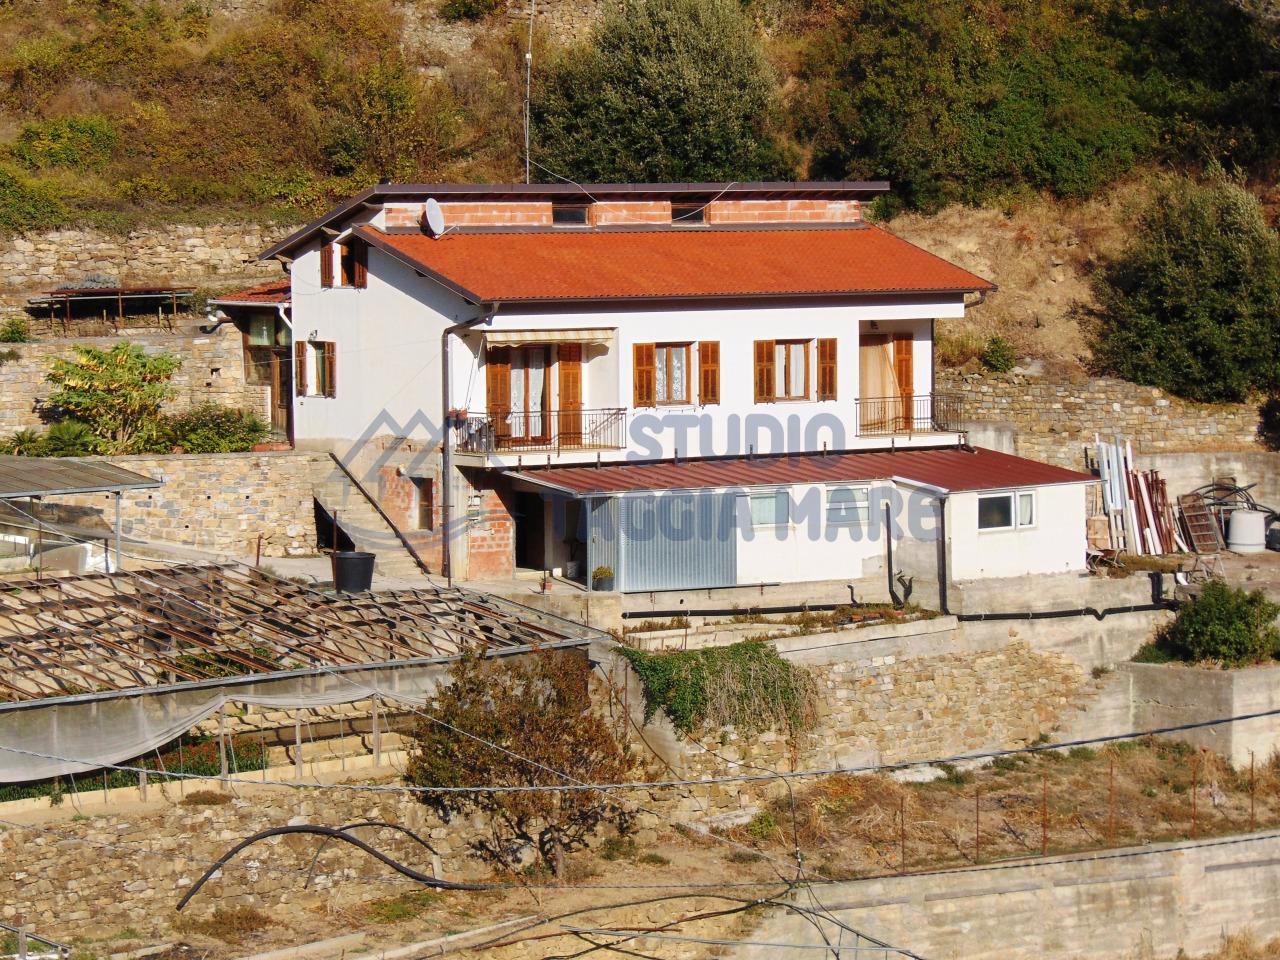 Soluzione Indipendente in vendita a SanRemo, 5 locali, prezzo € 320.000 | CambioCasa.it